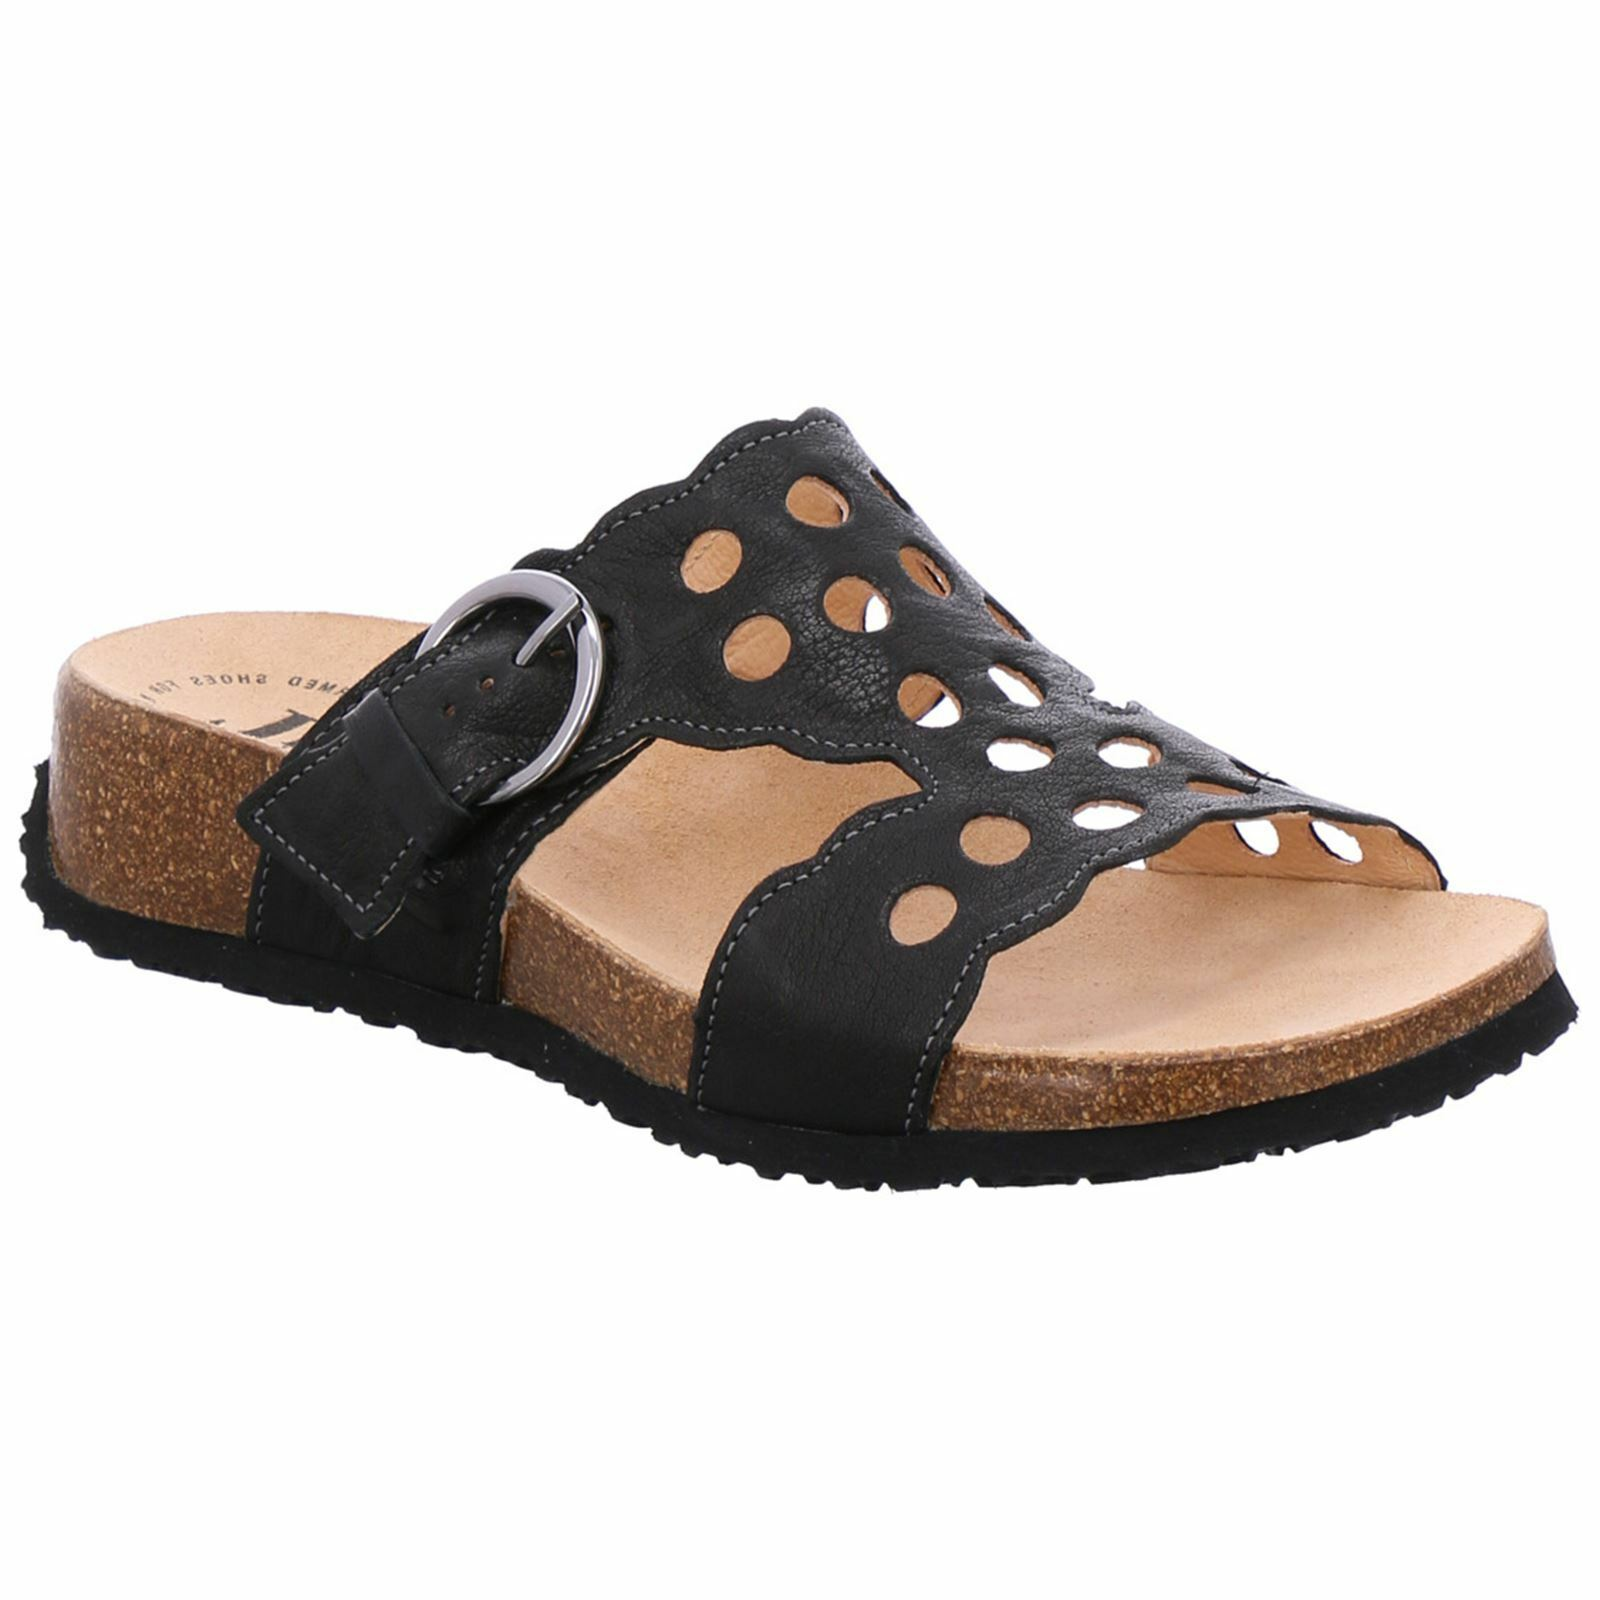 Piense Mizzi 88363 Negro de Cuero para Mujer Espalda Abierta Puntera Abierta Sin Cordones Sandalias de diapositiva